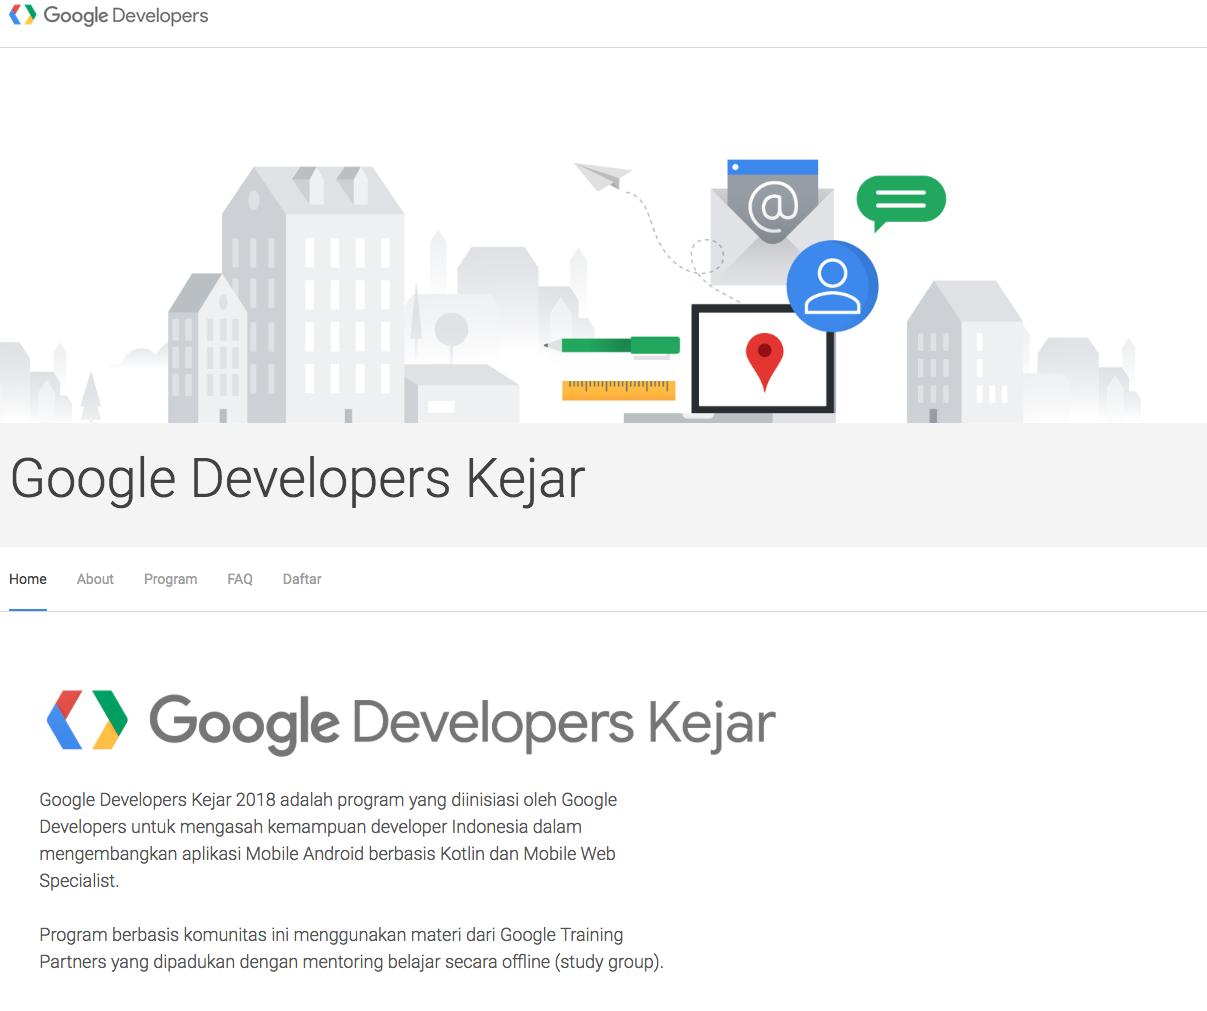 Google Developers Kejar1